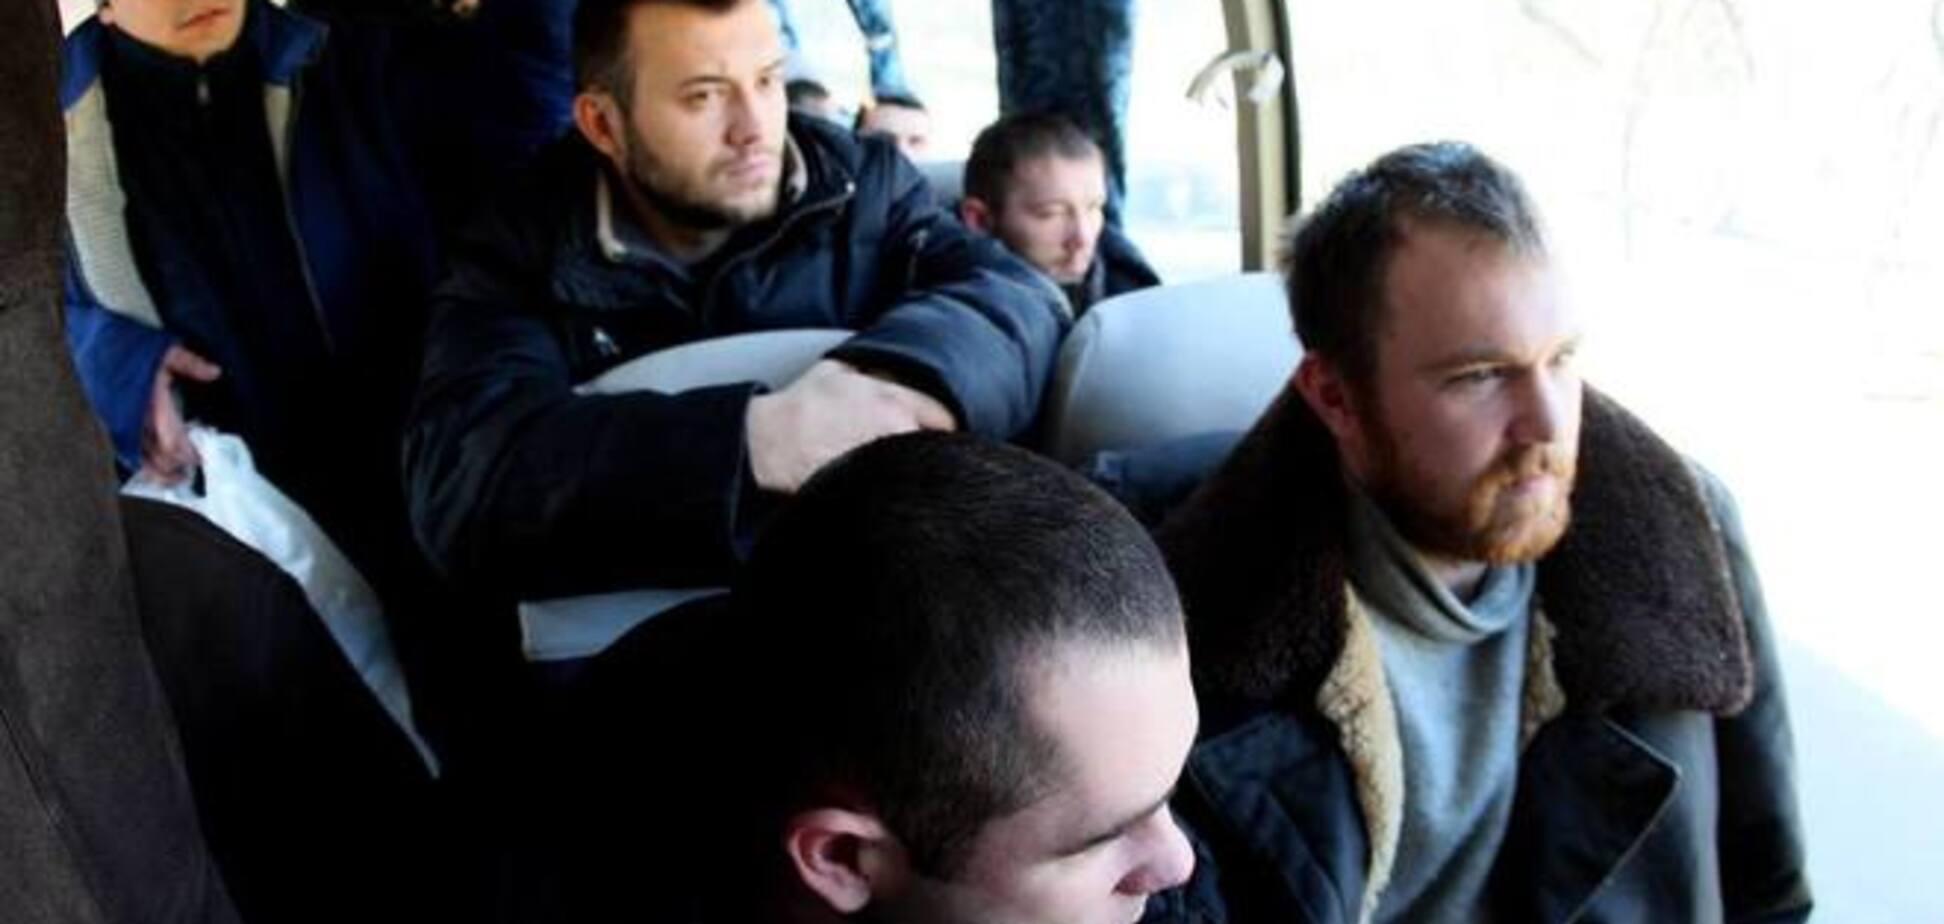 СБУ обнародовала полный список освобожденных из плена: появилось видео